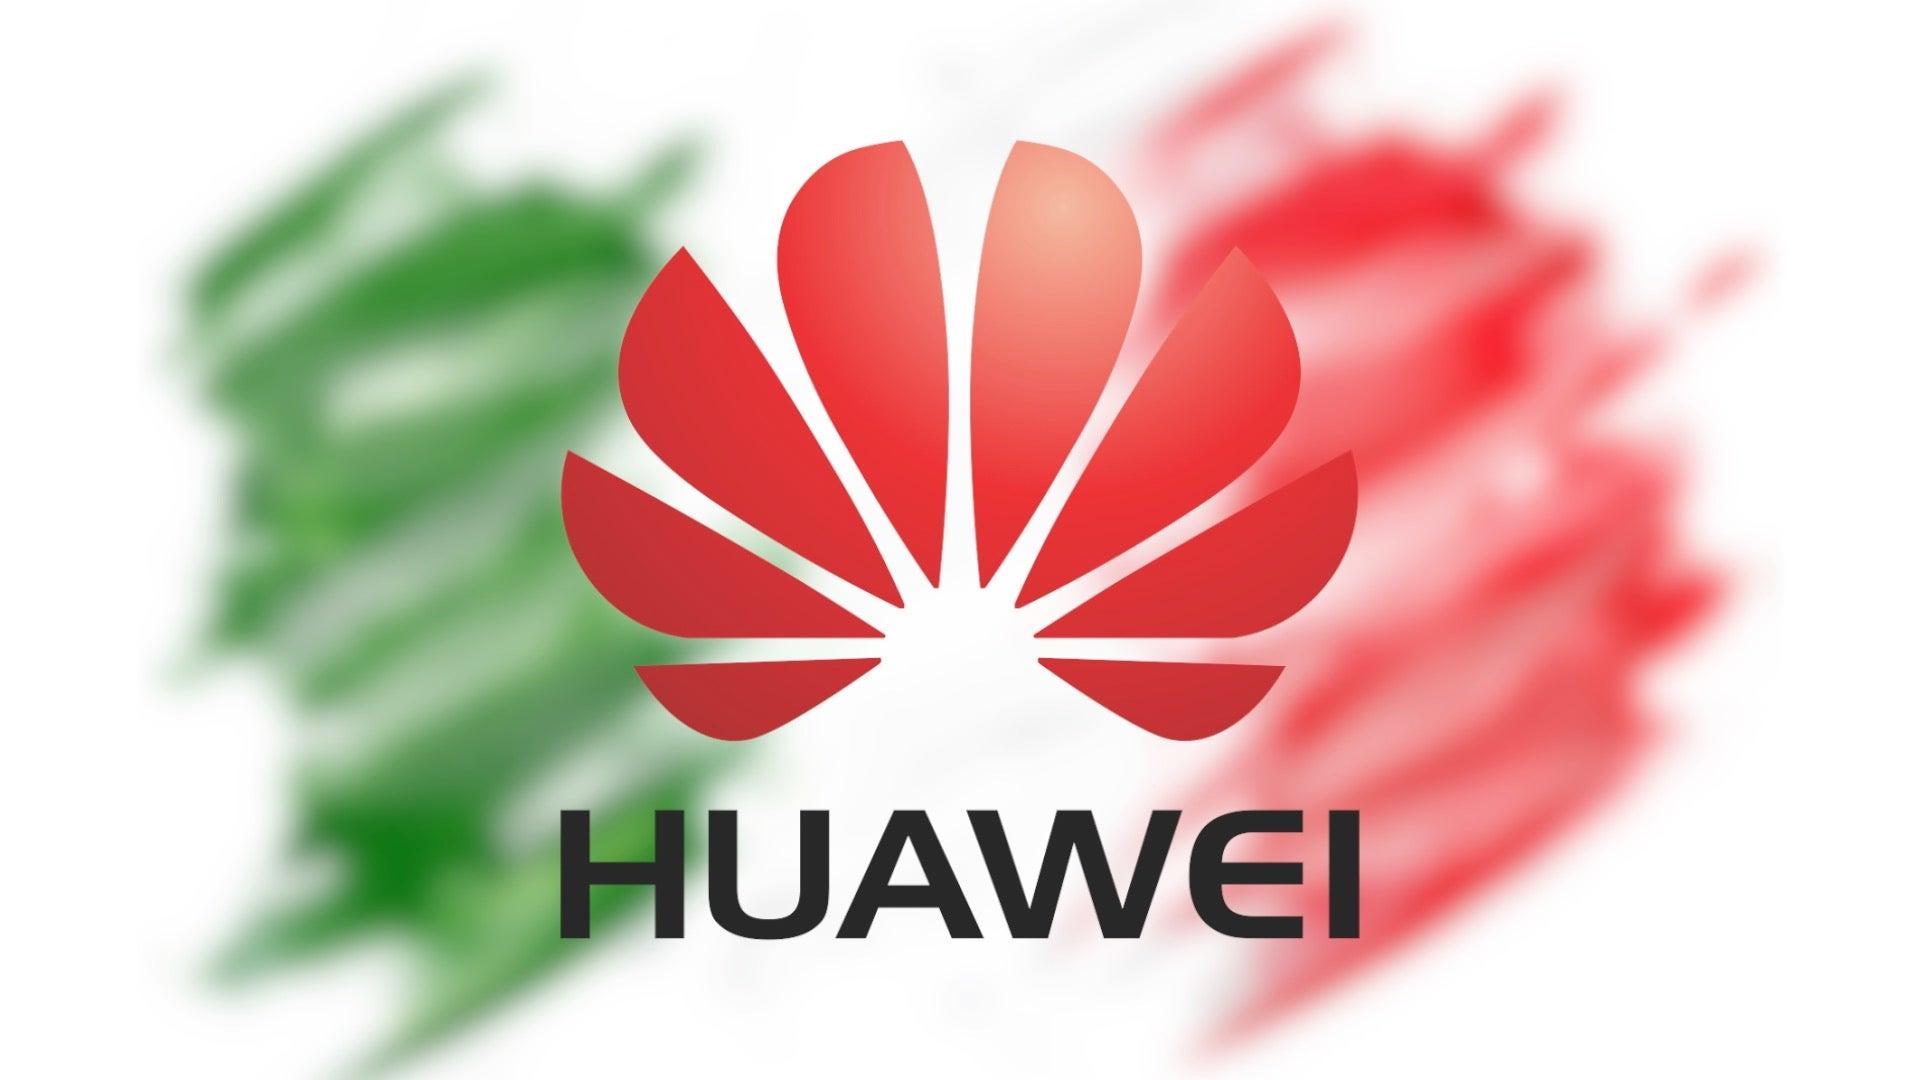 Huawei Italia Coronavirus